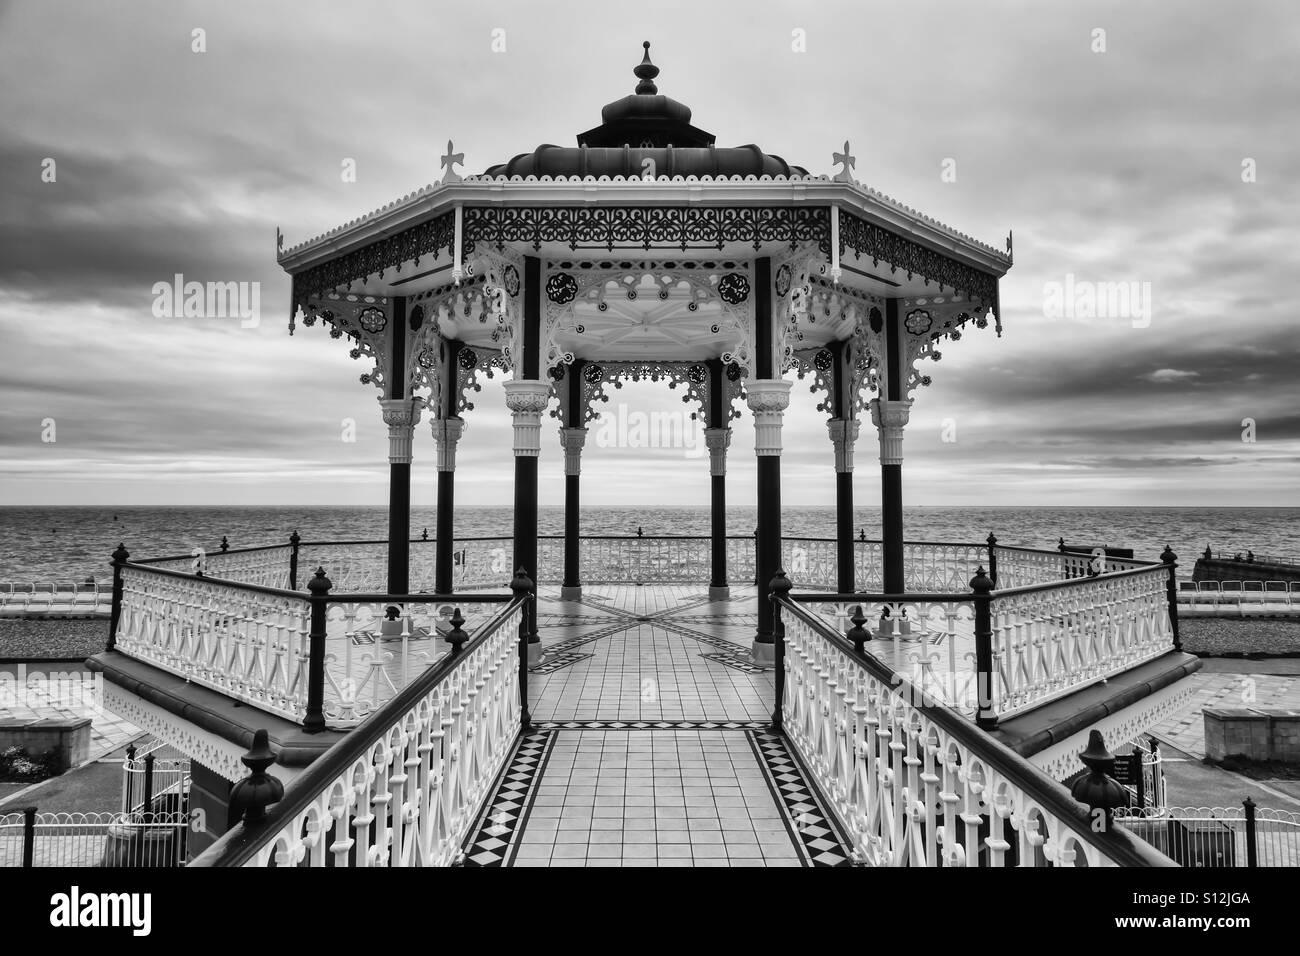 Brighton Bandstand Monochrome - Stock Image